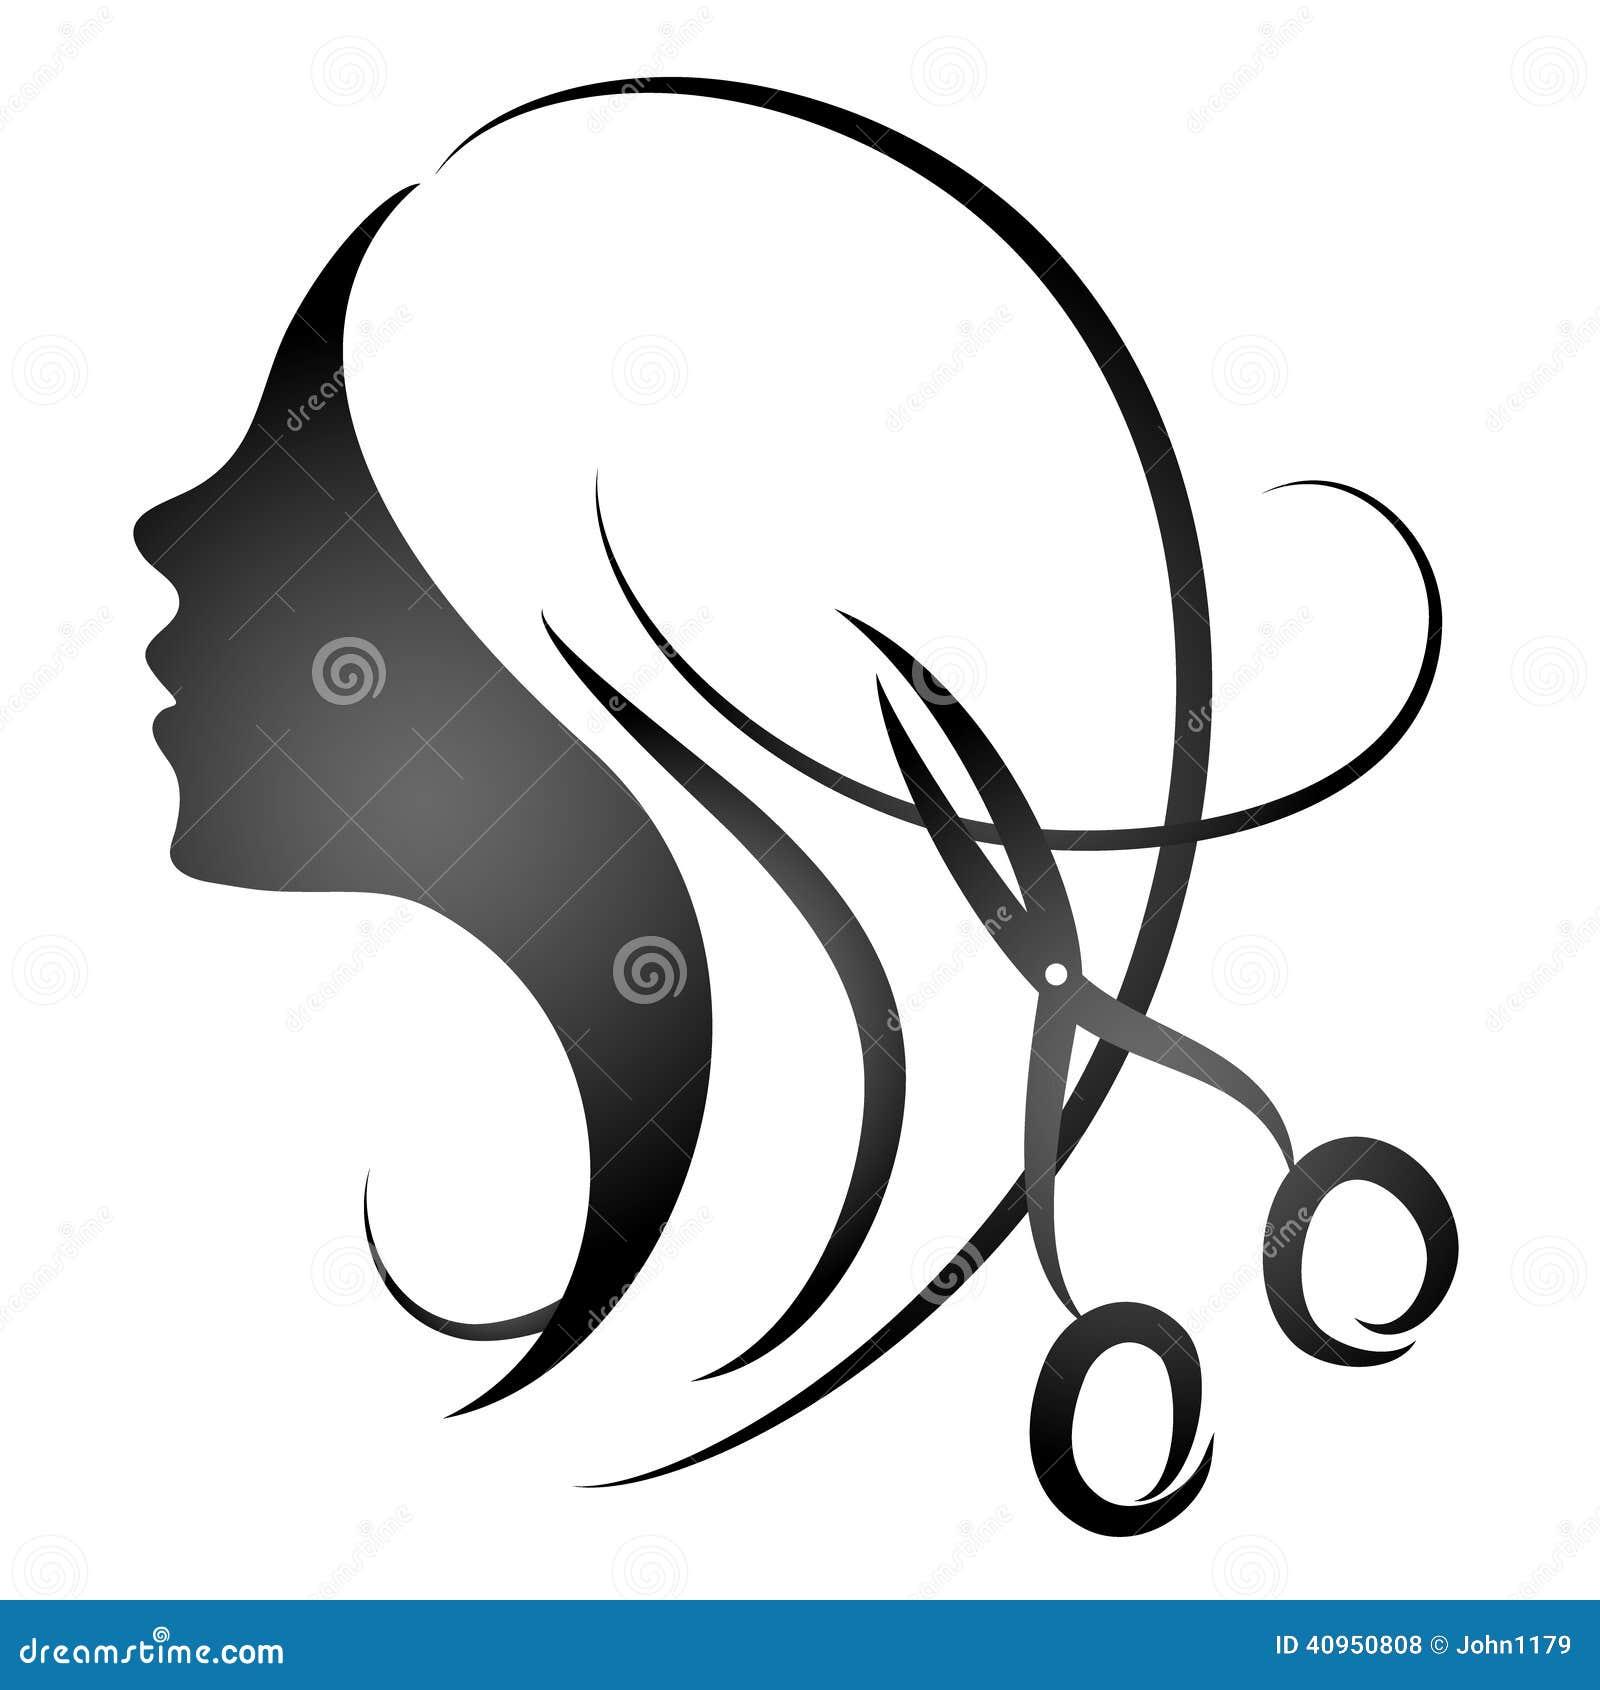 Design For Womens Hairdressing Salon Stock Vector - Image: 40950808